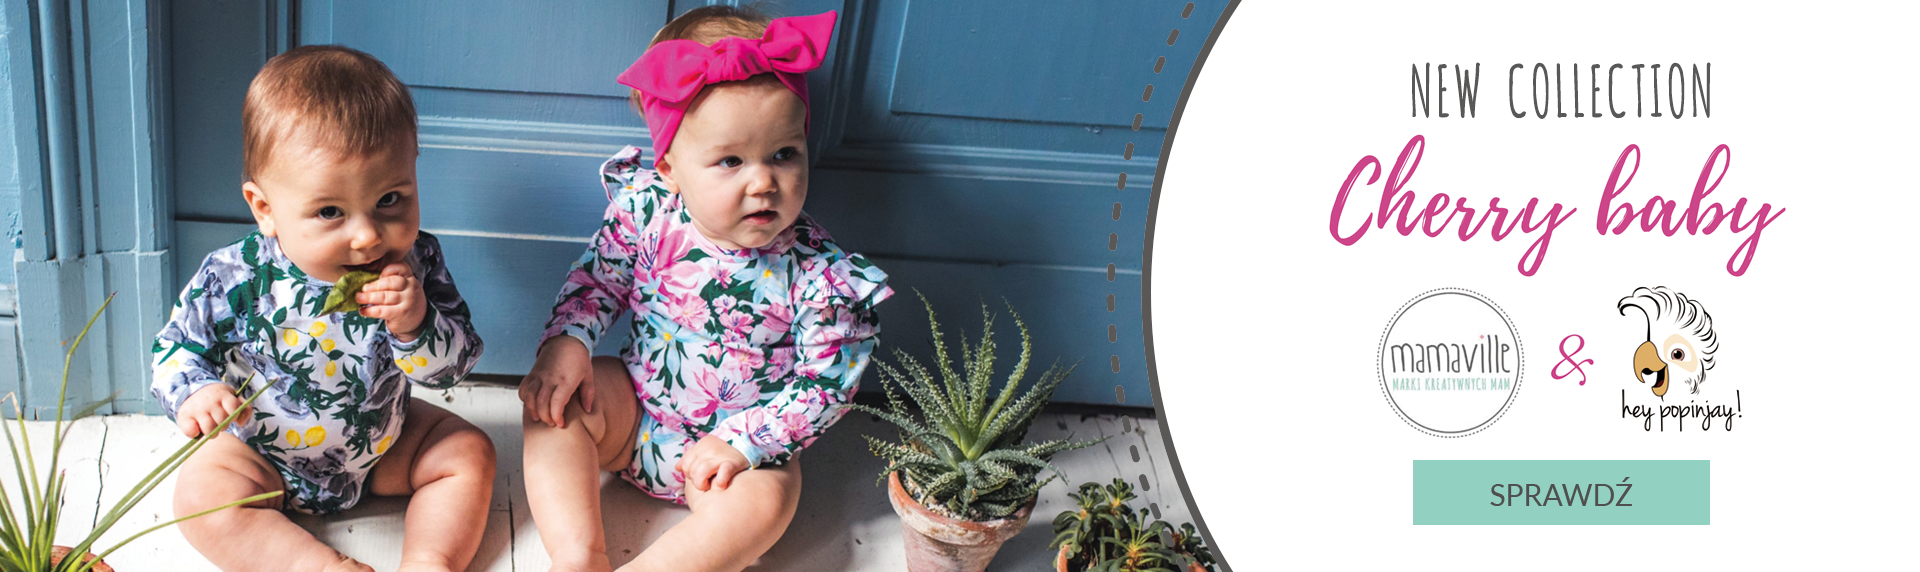 Ubranka dla dzieci - nowa kolekcja we współpracy Hey Popinjay i Mamaville